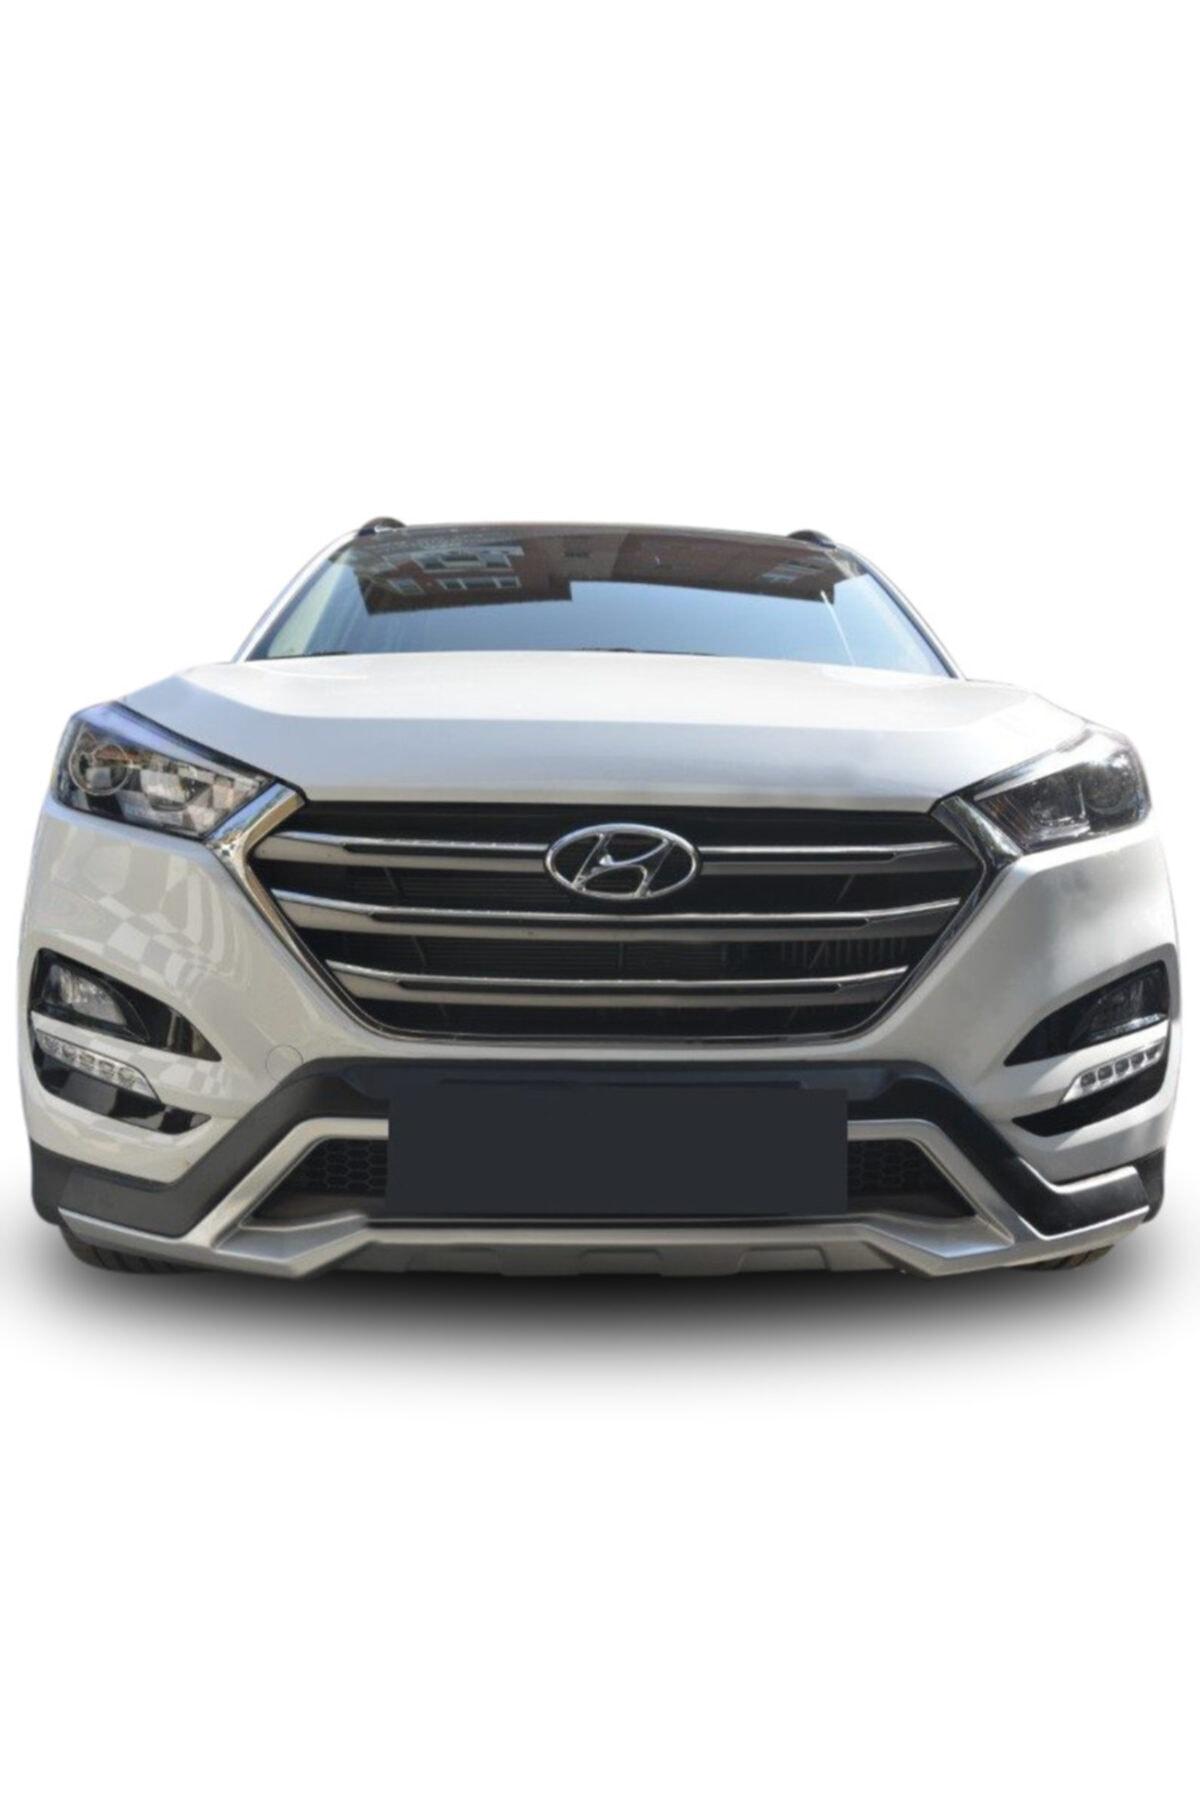 OEM Hyundai Tucson Ön Arka Tampon Koruması Difüzör Turbolu Modeller İçin 2015 / 2017 2